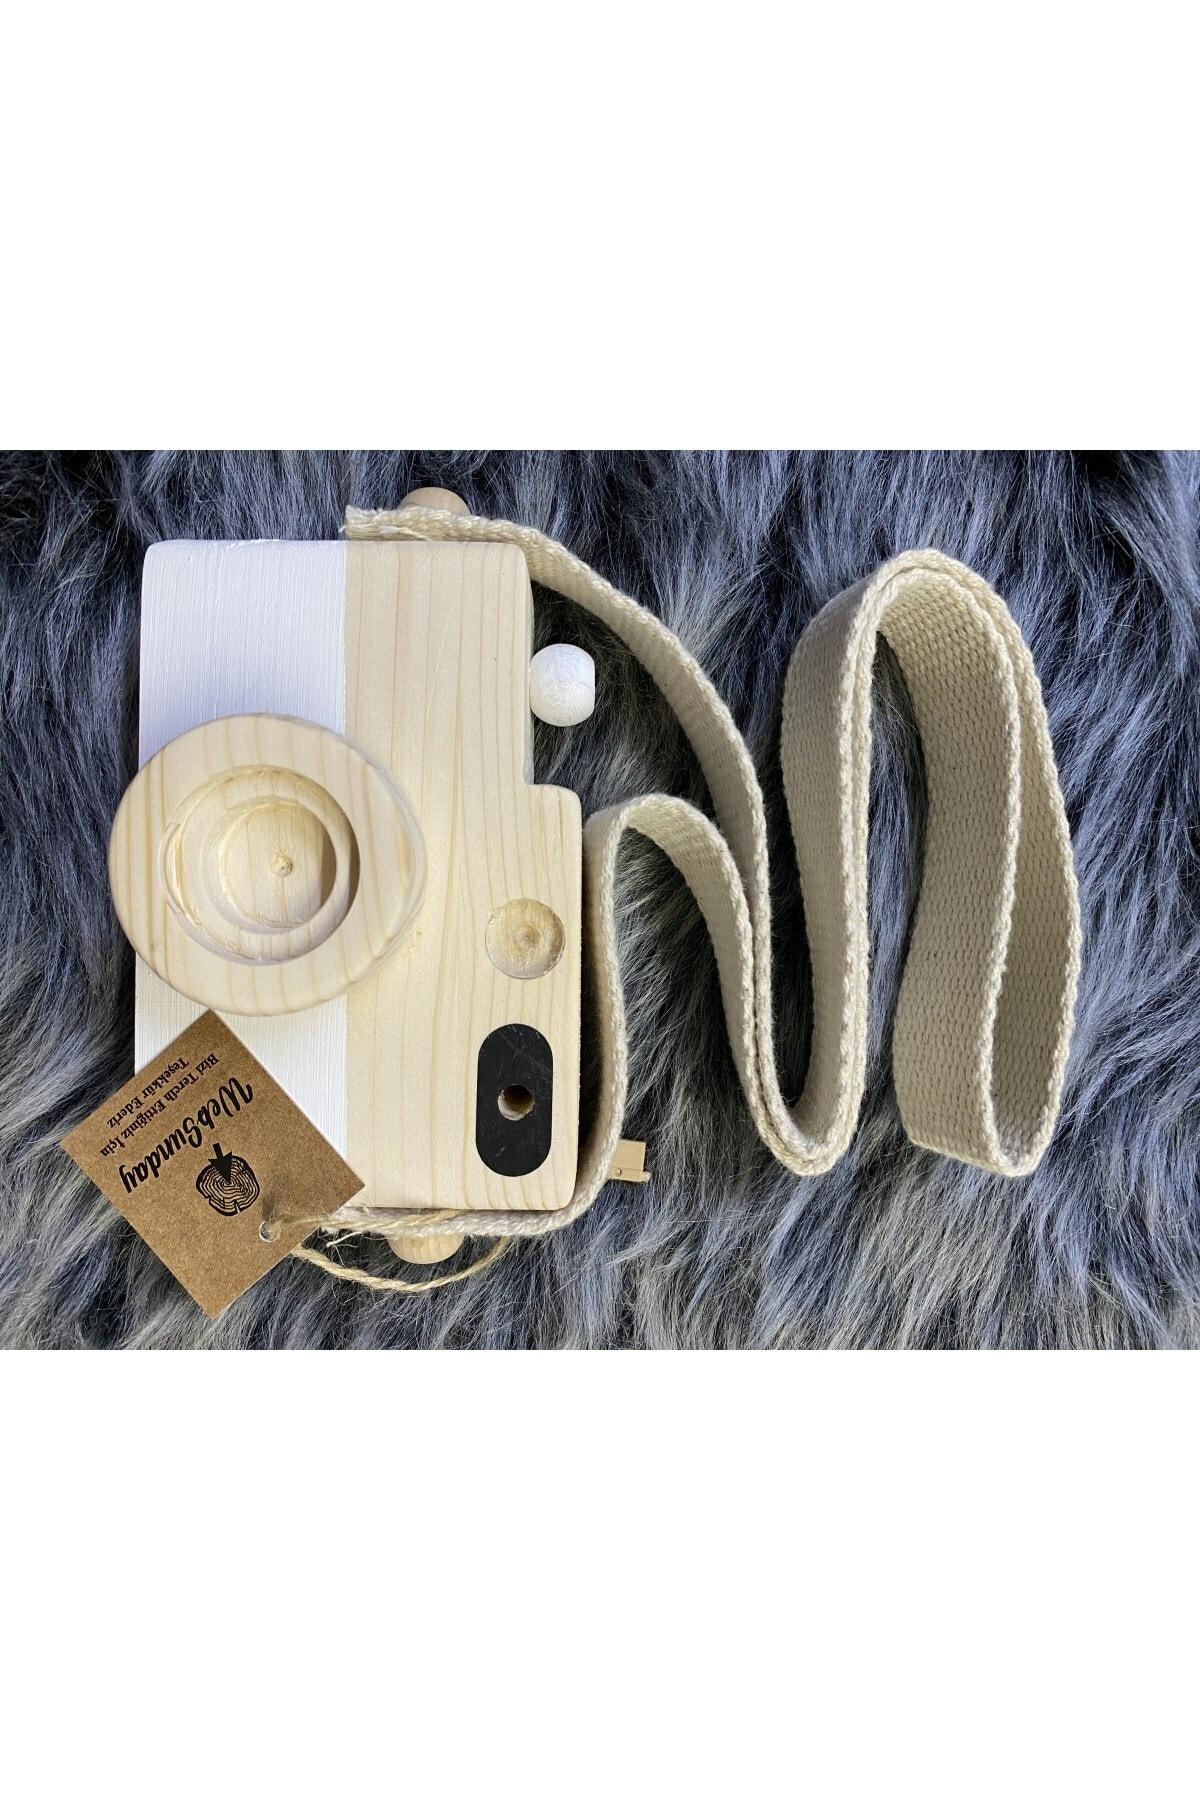 aswood Ahşap Dekoratif Oyuncak Fotoğraf Makinesi - Beyaz 2